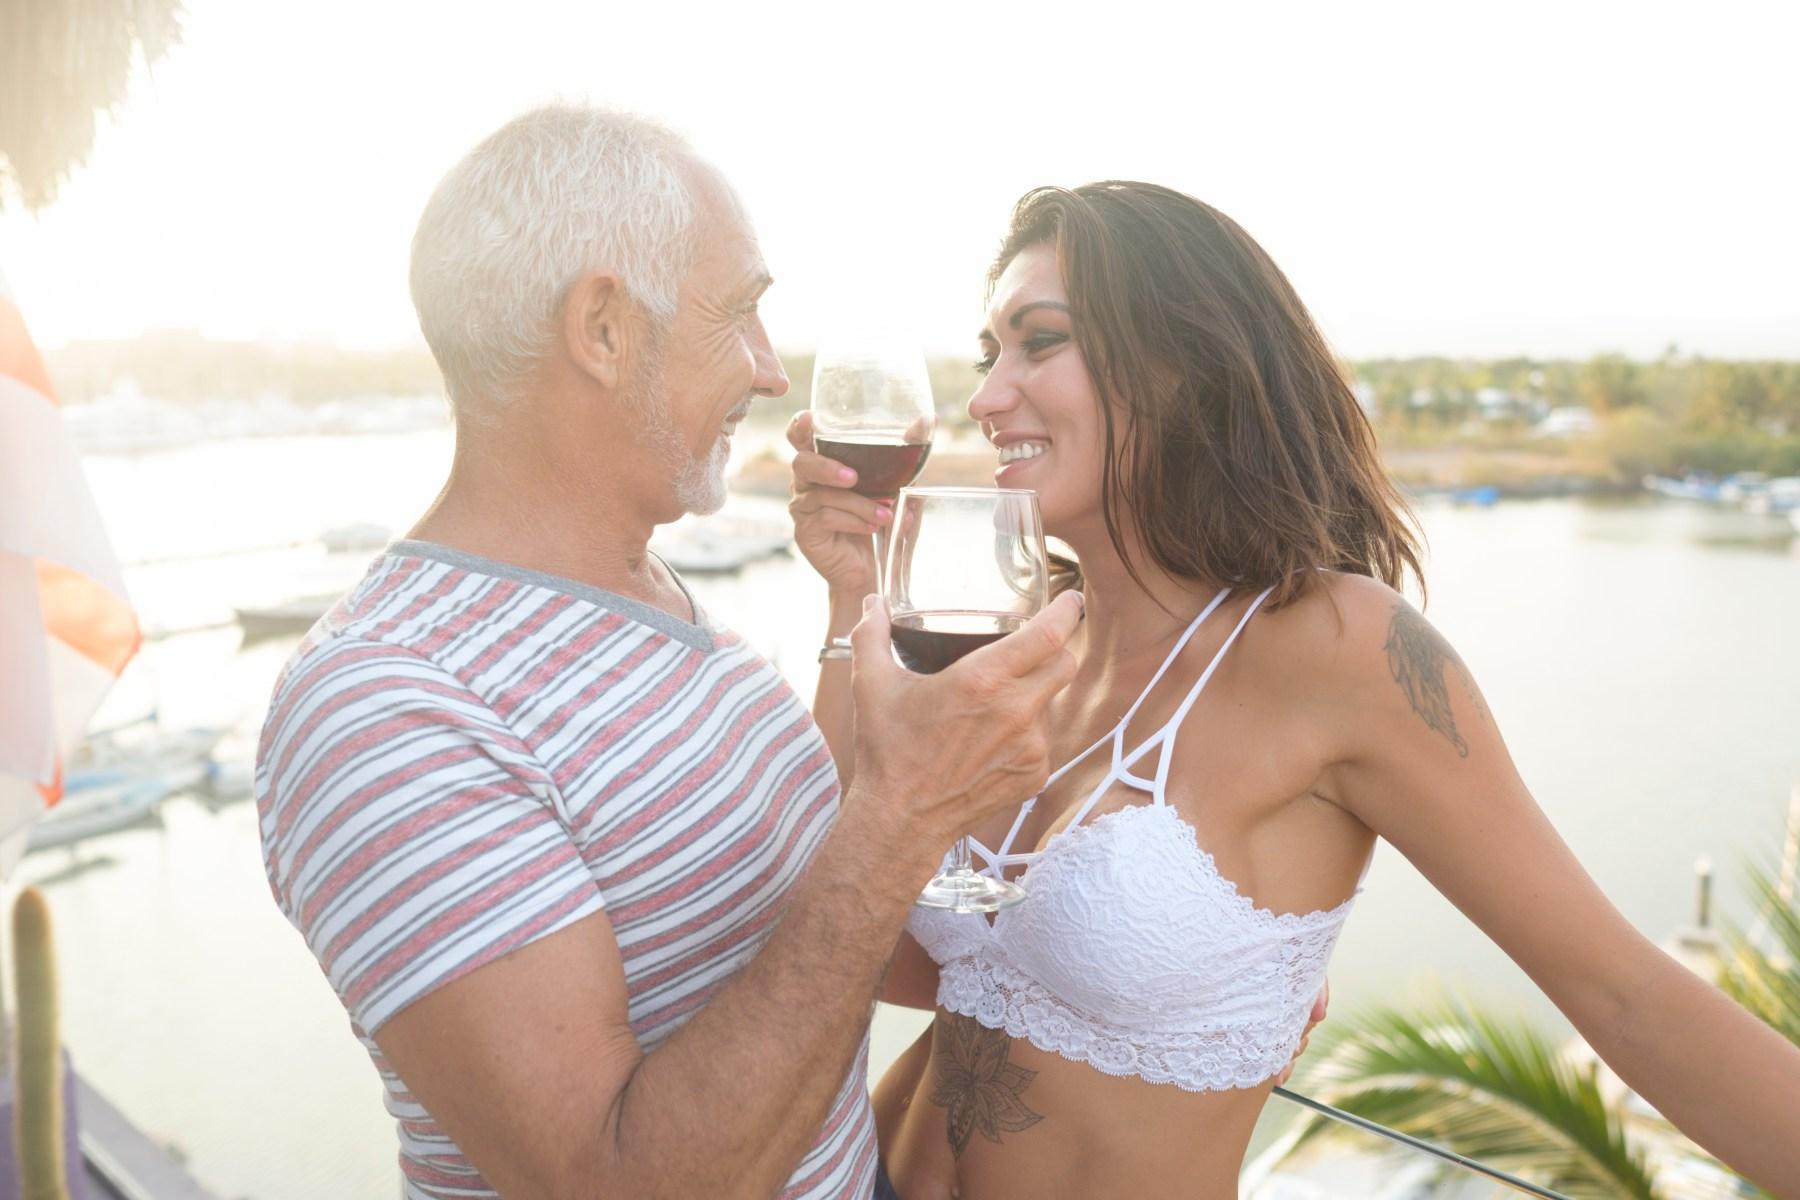 Men seeking young girls older Younger Woman